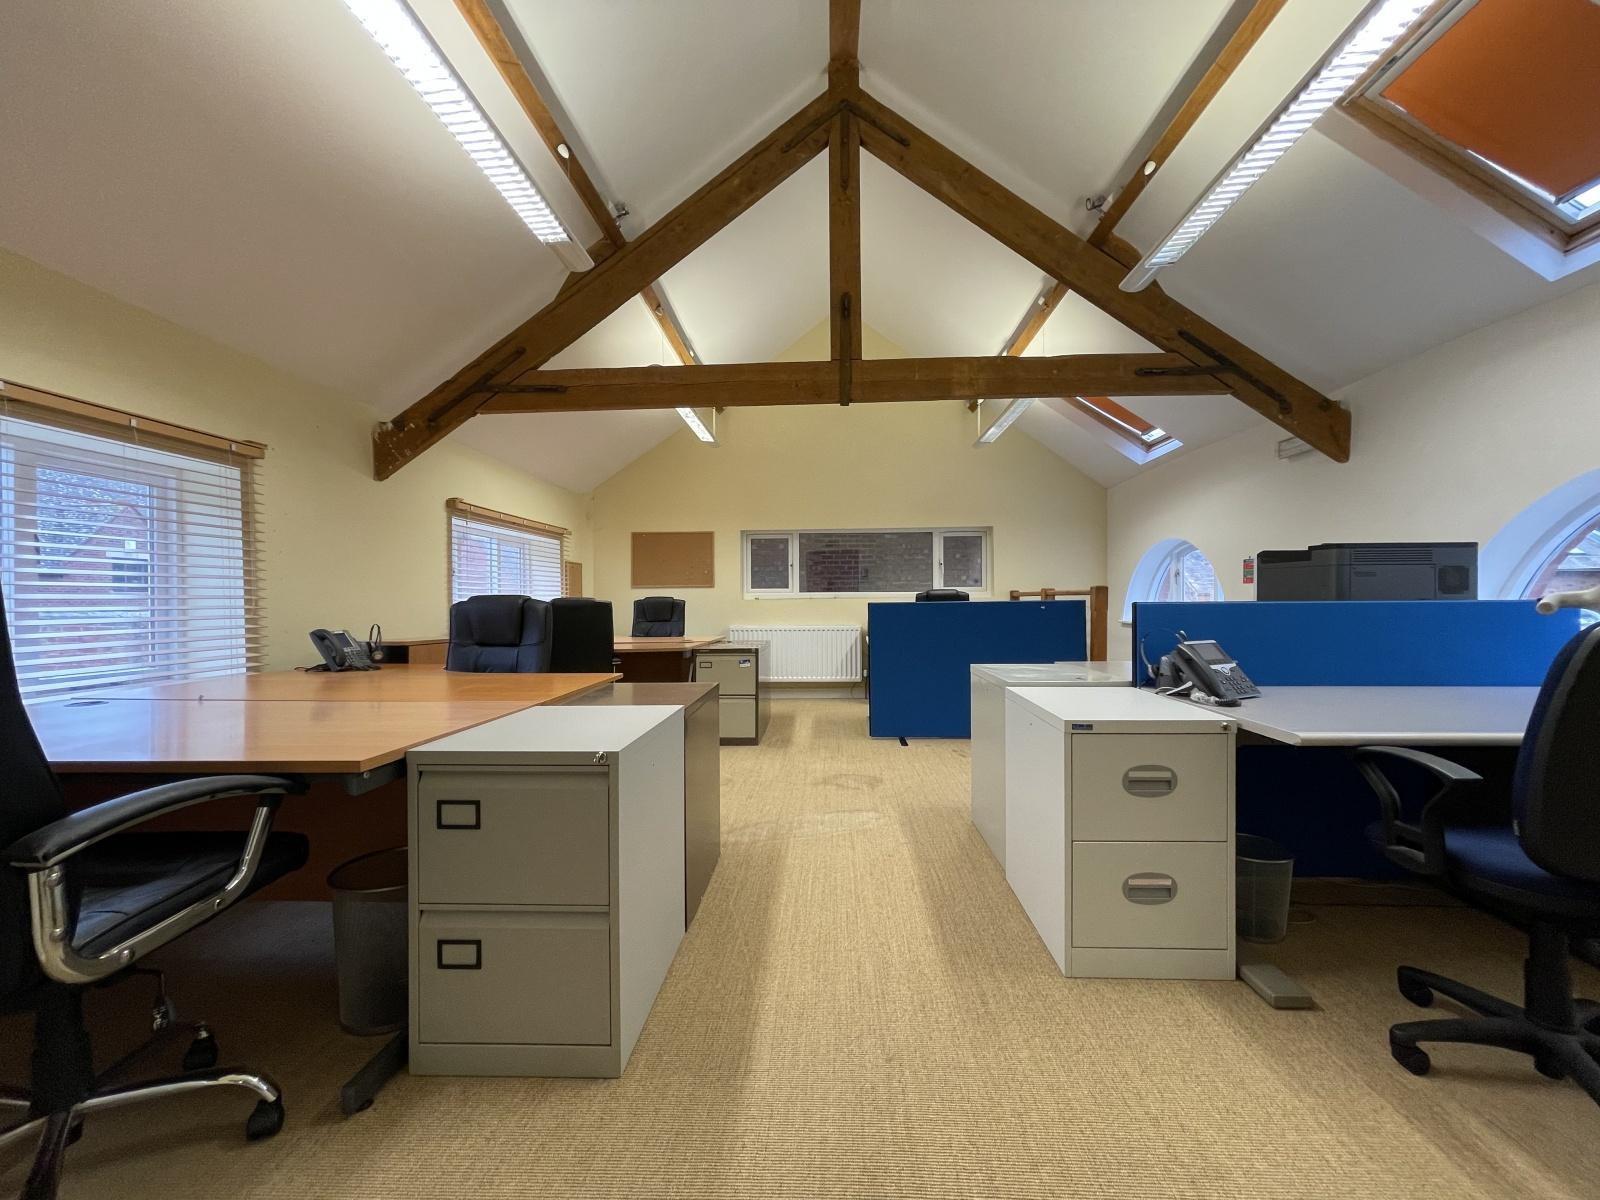 The Hayloft, Condover Mews Business Park, Condover, Shrewsbury, Shropshire